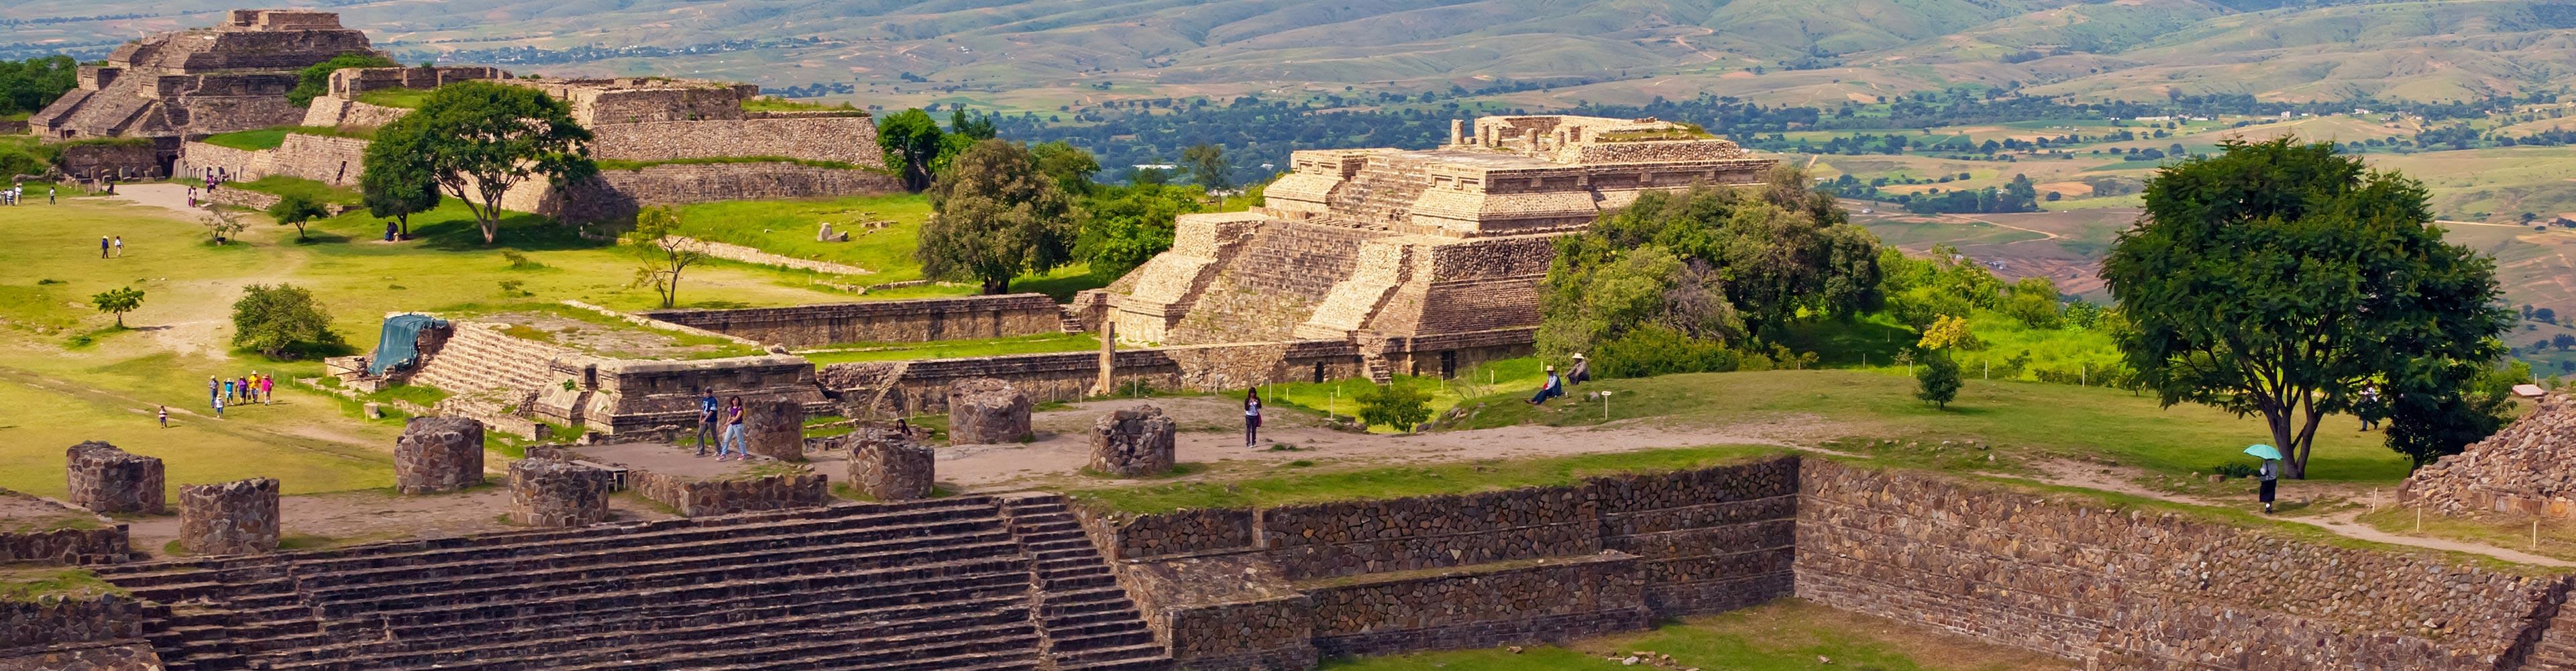 Mexico, Guatemala & Beyond